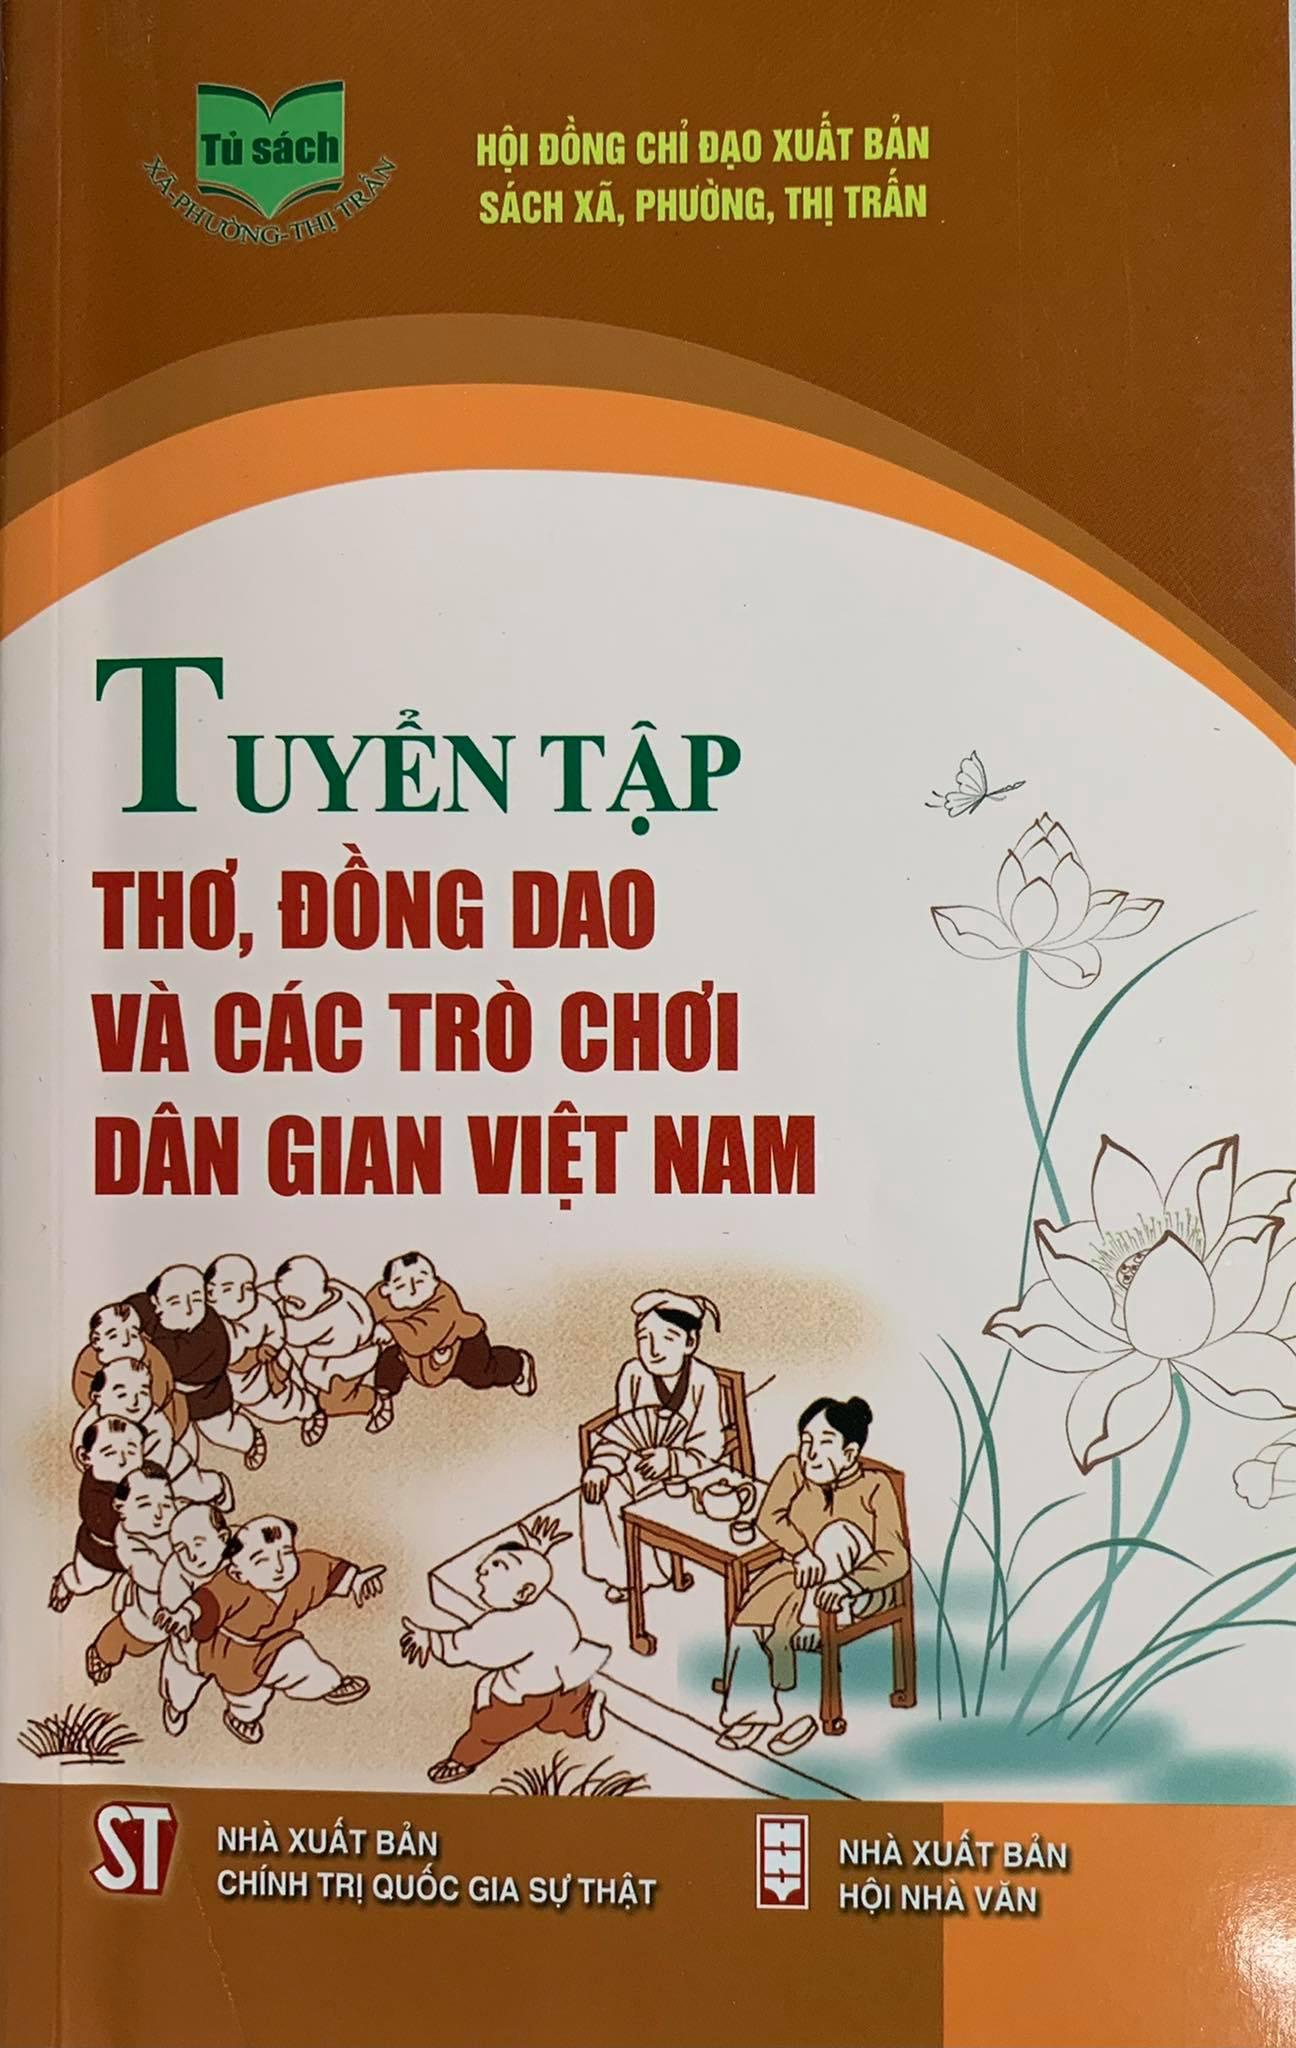 Tuyển tập thơ, đồng dao và các trò chơi dân gian Việt Nam